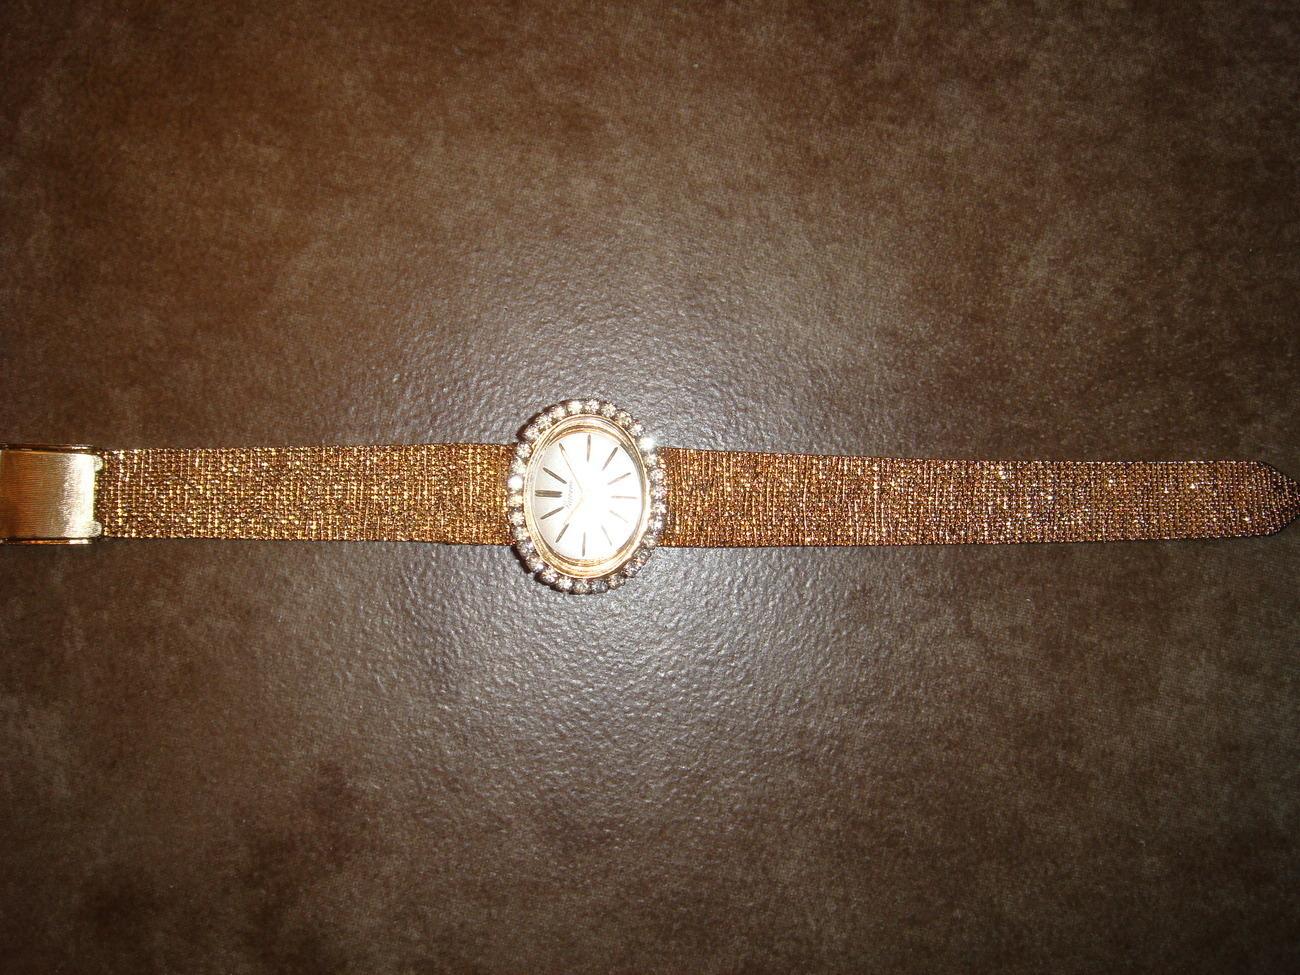 Lucerne17-jewel Swiss 10K manual windup ladies' watch vintage 1950s